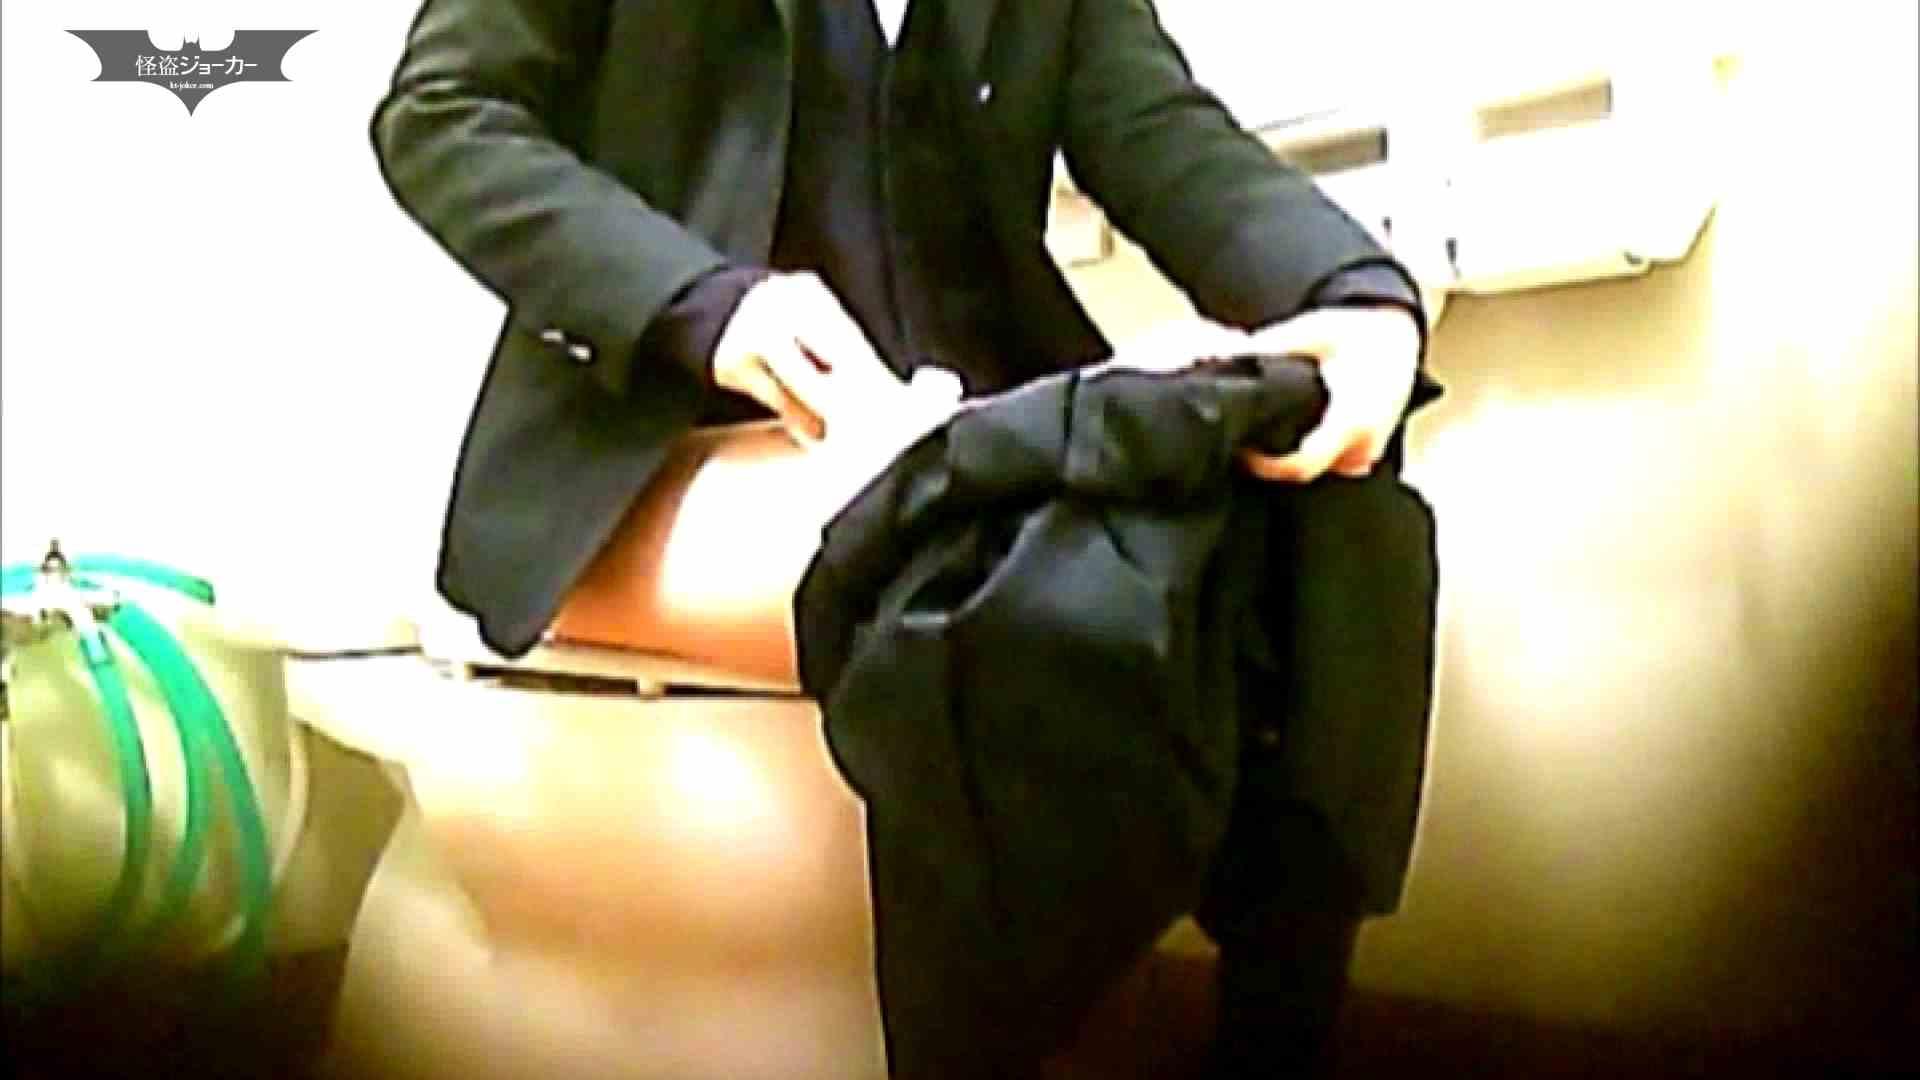 店長代理の盗撮録 Vol.02 制服ばかりをあつめてみました。その2 丸見え ワレメ無修正動画無料 95枚 57